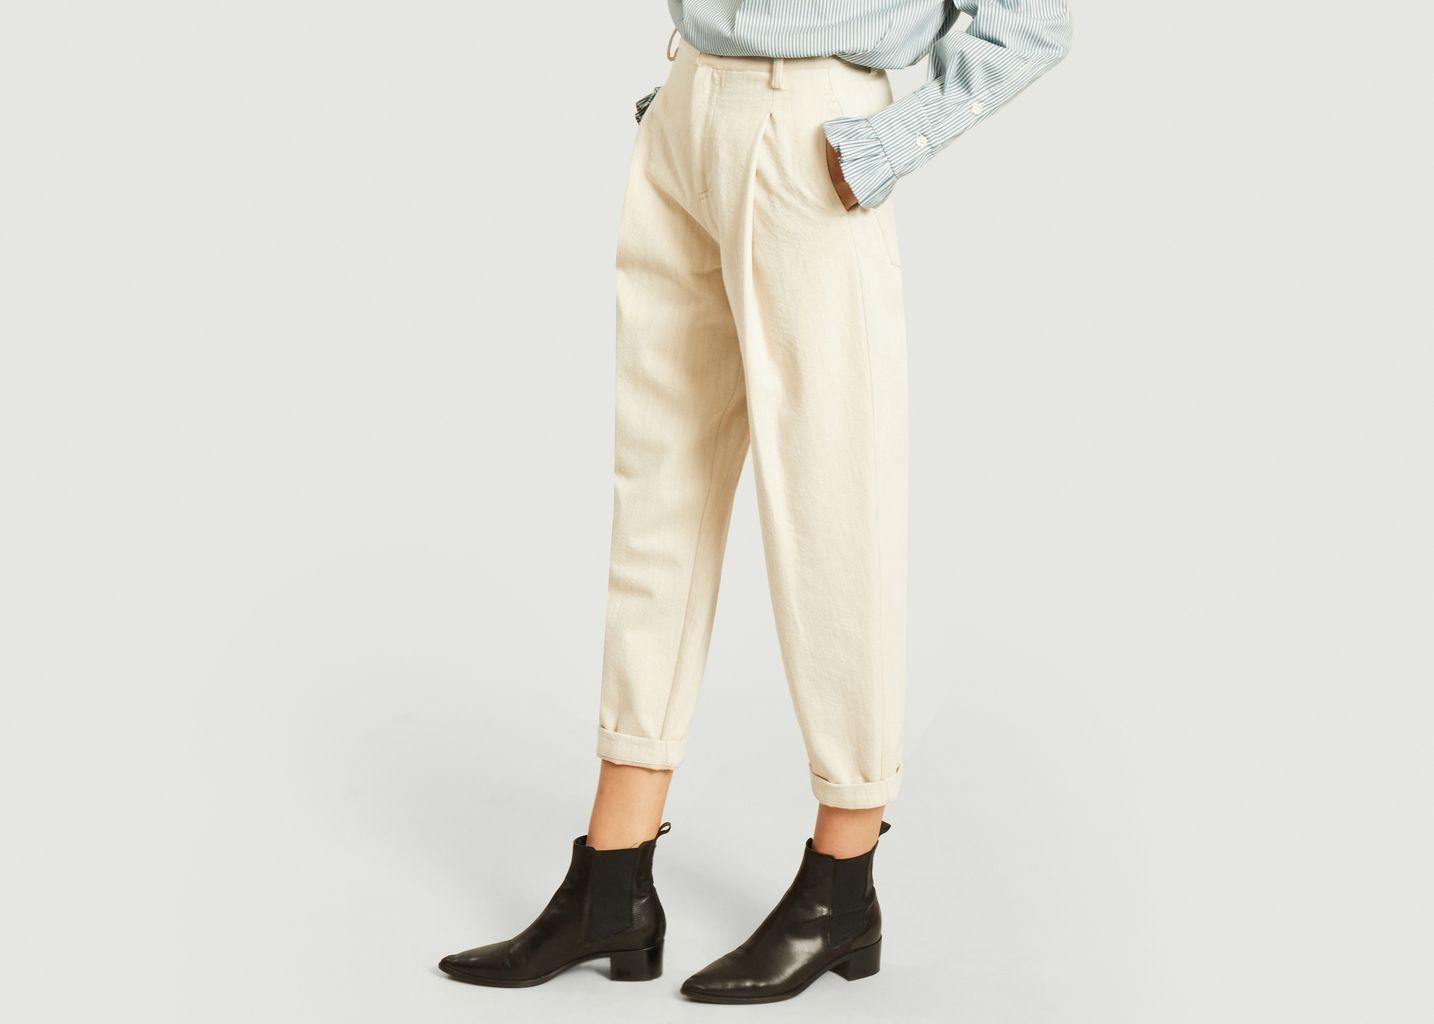 Pantalon Clacson - TELA